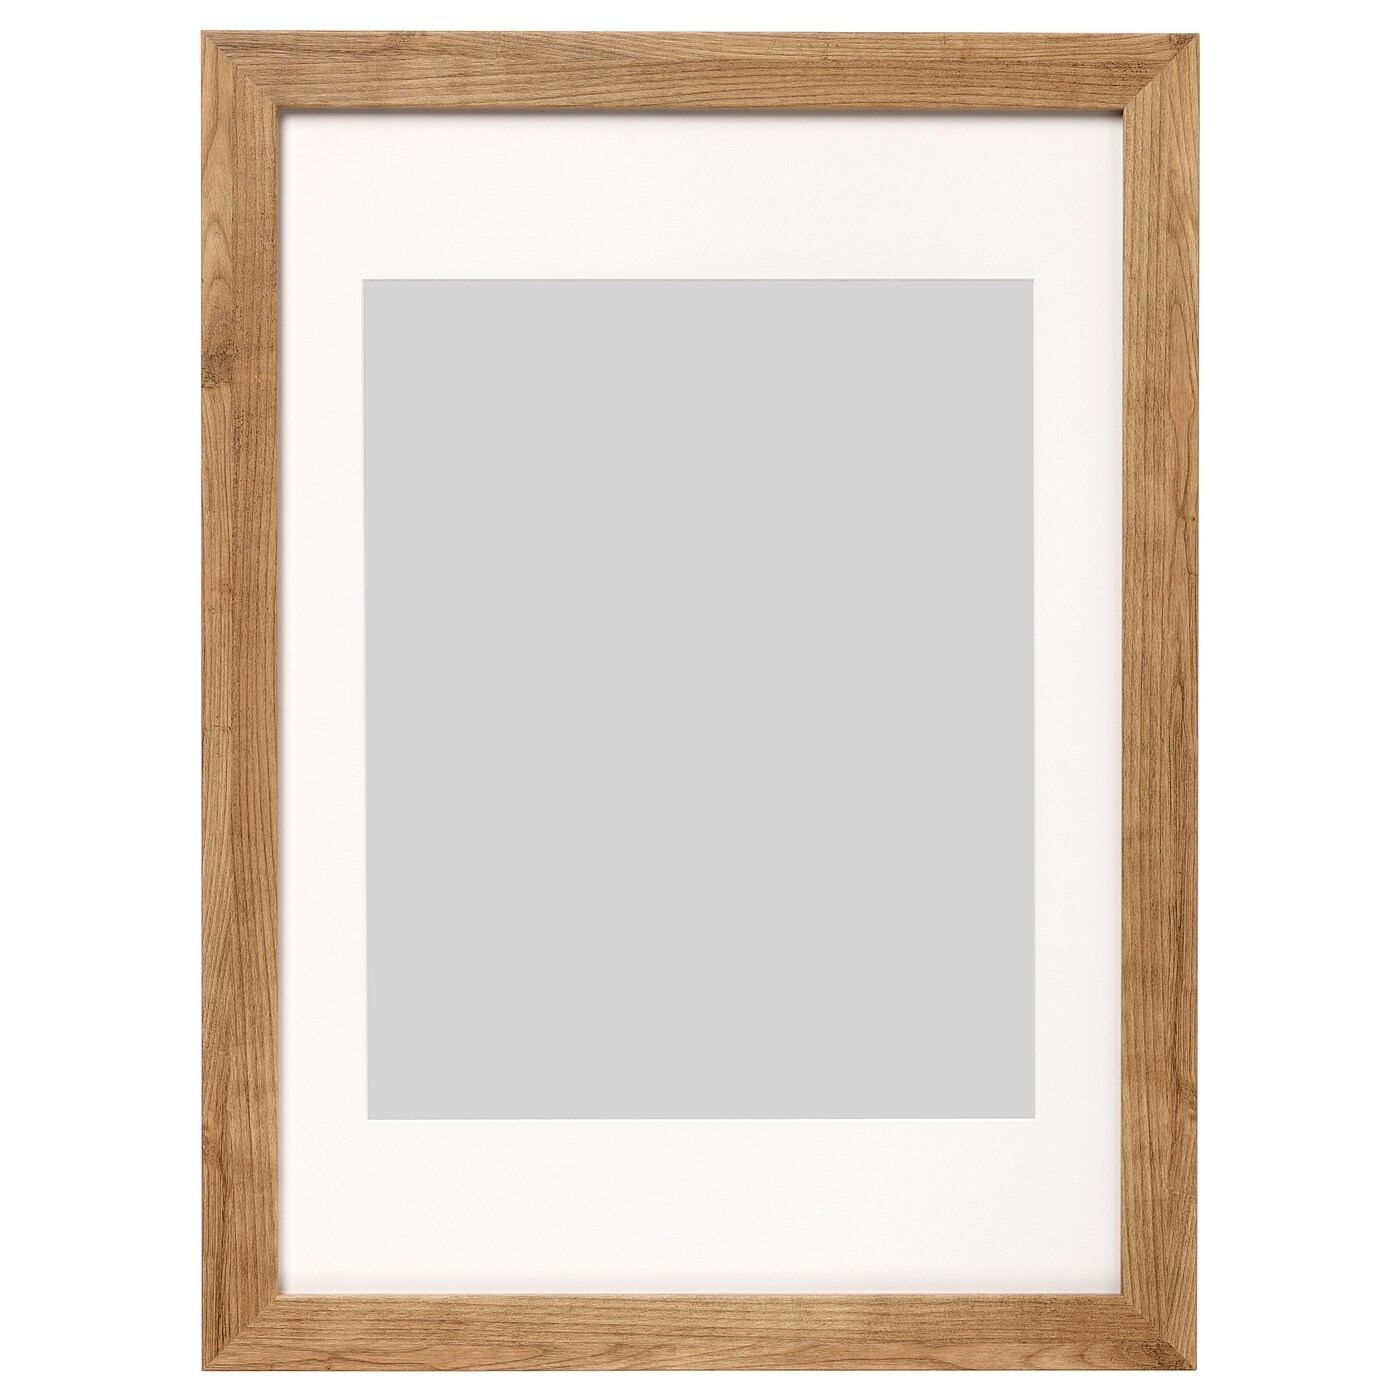 Marcos de fotos y láminas   Decoración   Compra Online IKEA